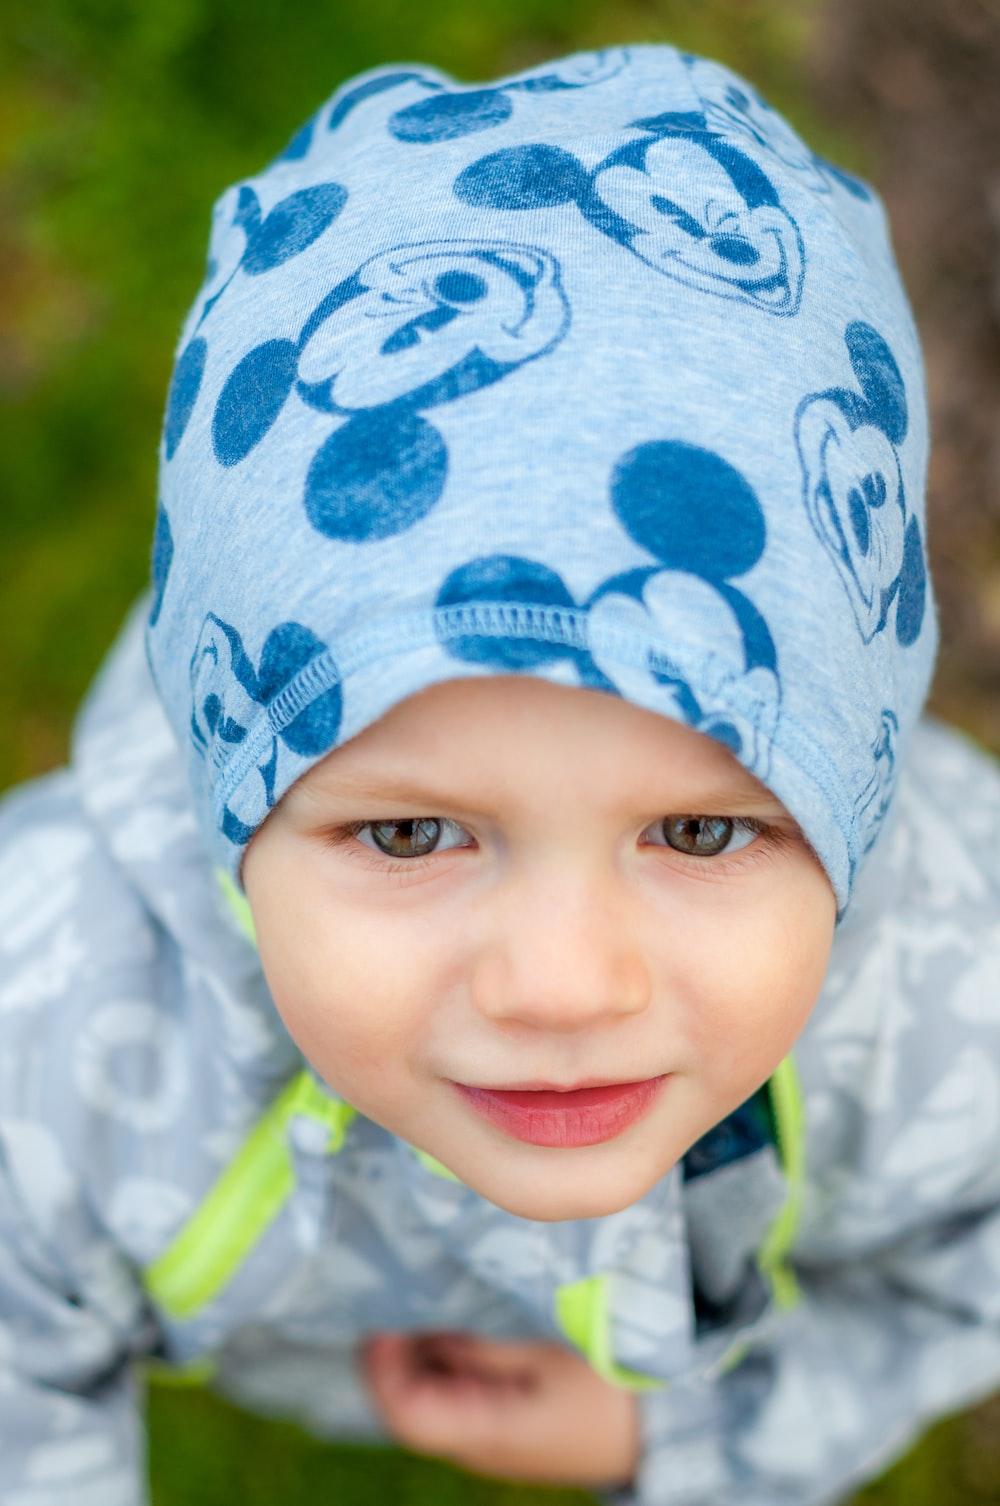 baby wearing blue knit cap